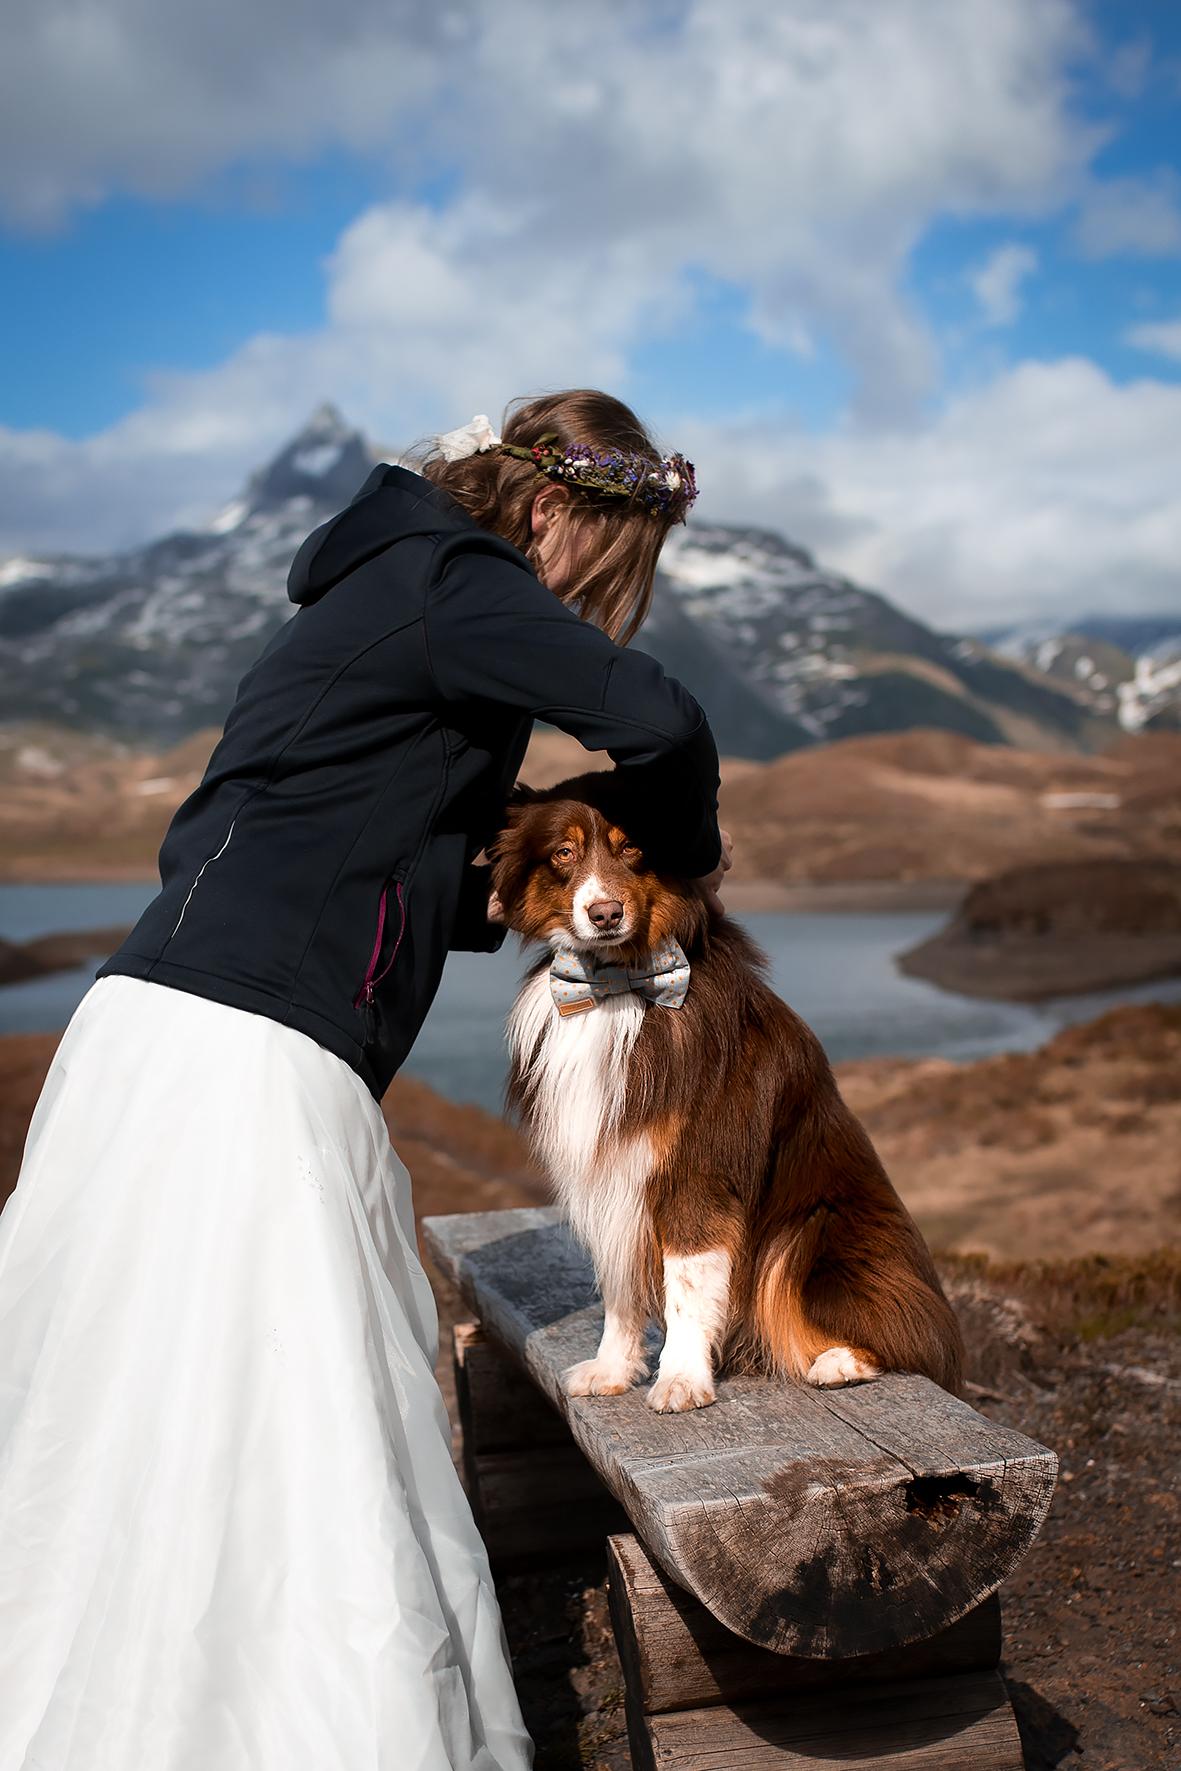 Getting Ready für eine Hochzeit in den Bergen für den Hund des Brautpaares. Der Australian Shepherd bekommt für die Hochzeit eine Fliege für Hunde umgebunden. Die Fliege ist hellblau mit goldenen Punkten und passt perfekt zu seinem Fell. Er sitzt dabei auf einer Holzbank am Wanderweg entlang des Tannensees auf der Melchsee Frutt.